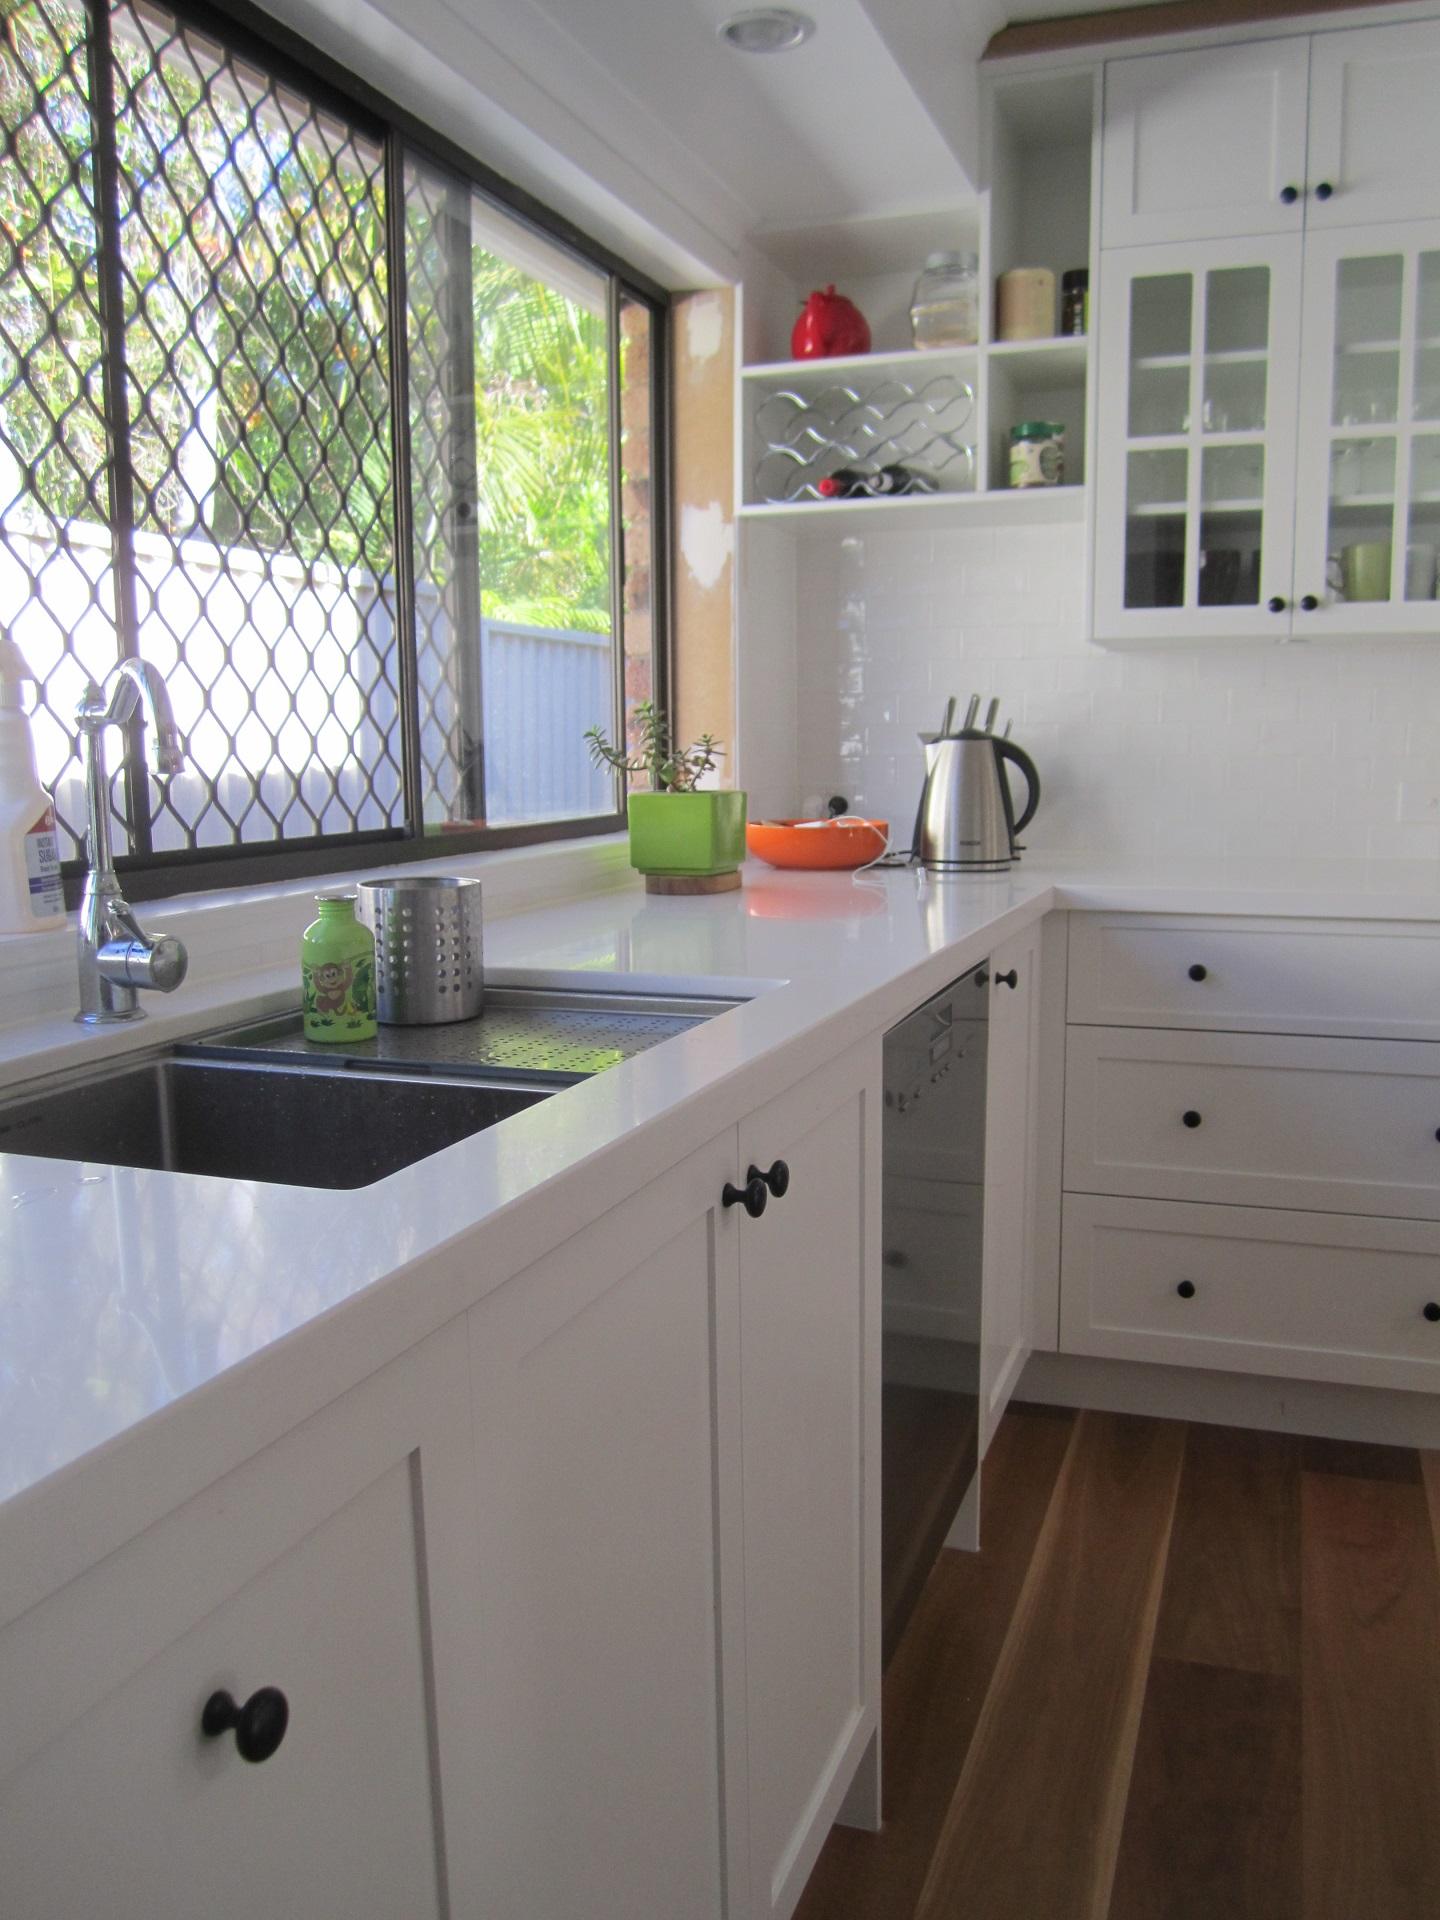 Brisbane Kitchen Design Carindale Traditional Kitchen  (5)